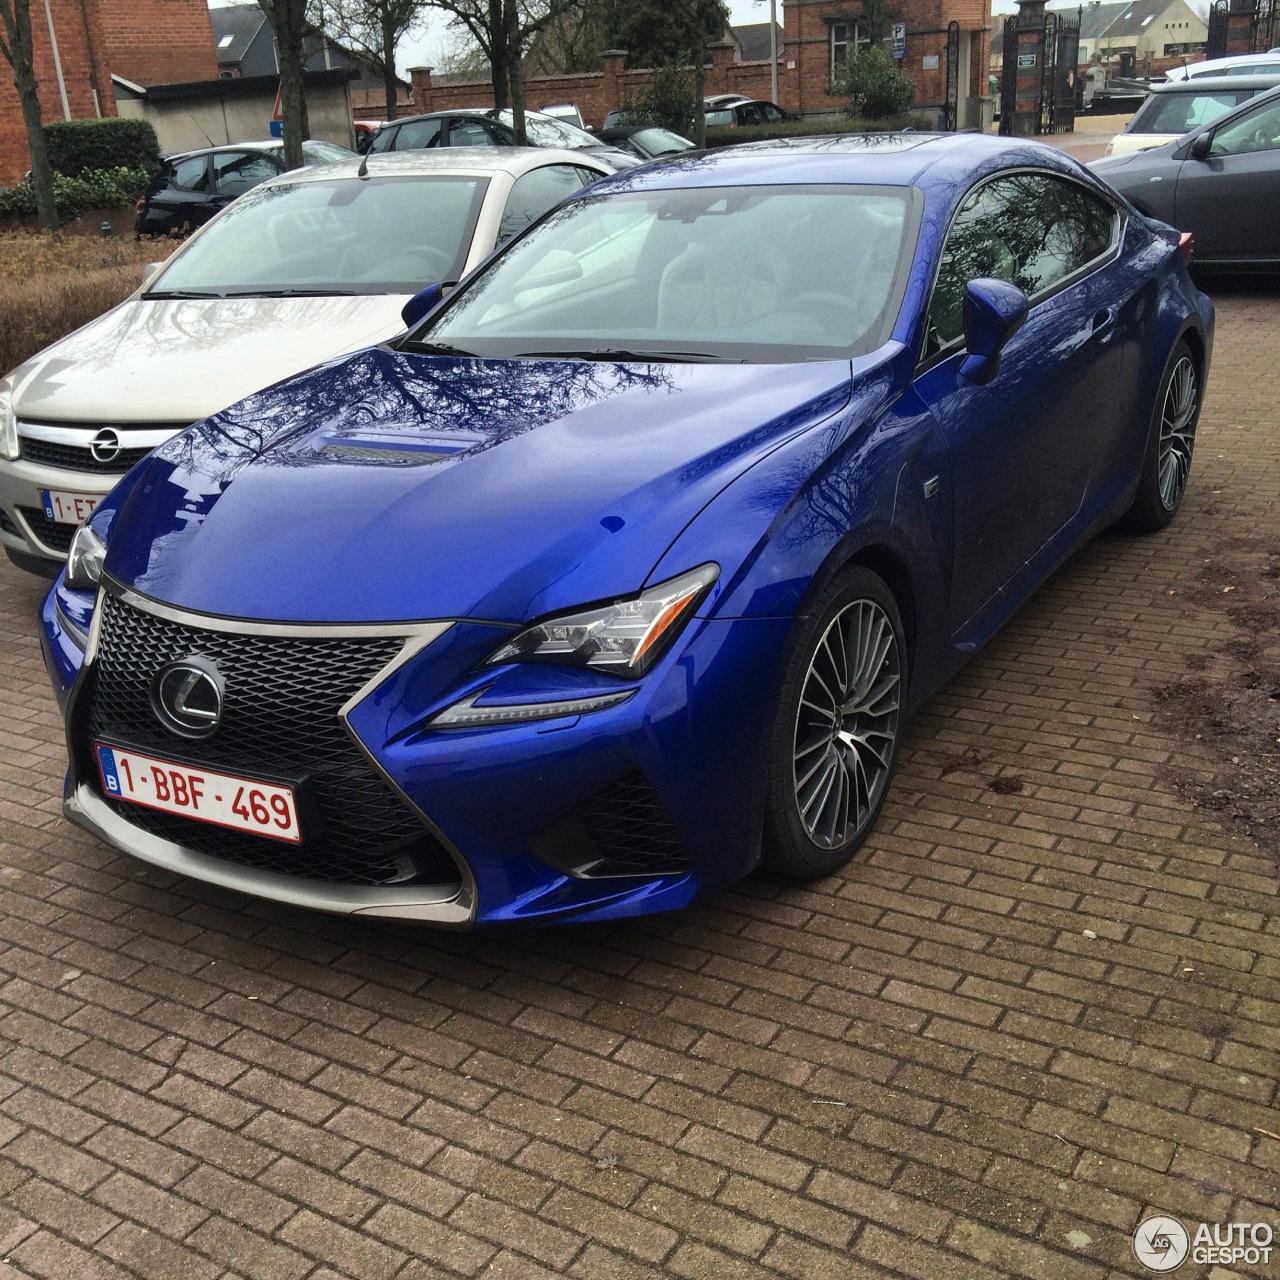 2015 Lexus Rc Suspension: 11 March 2015